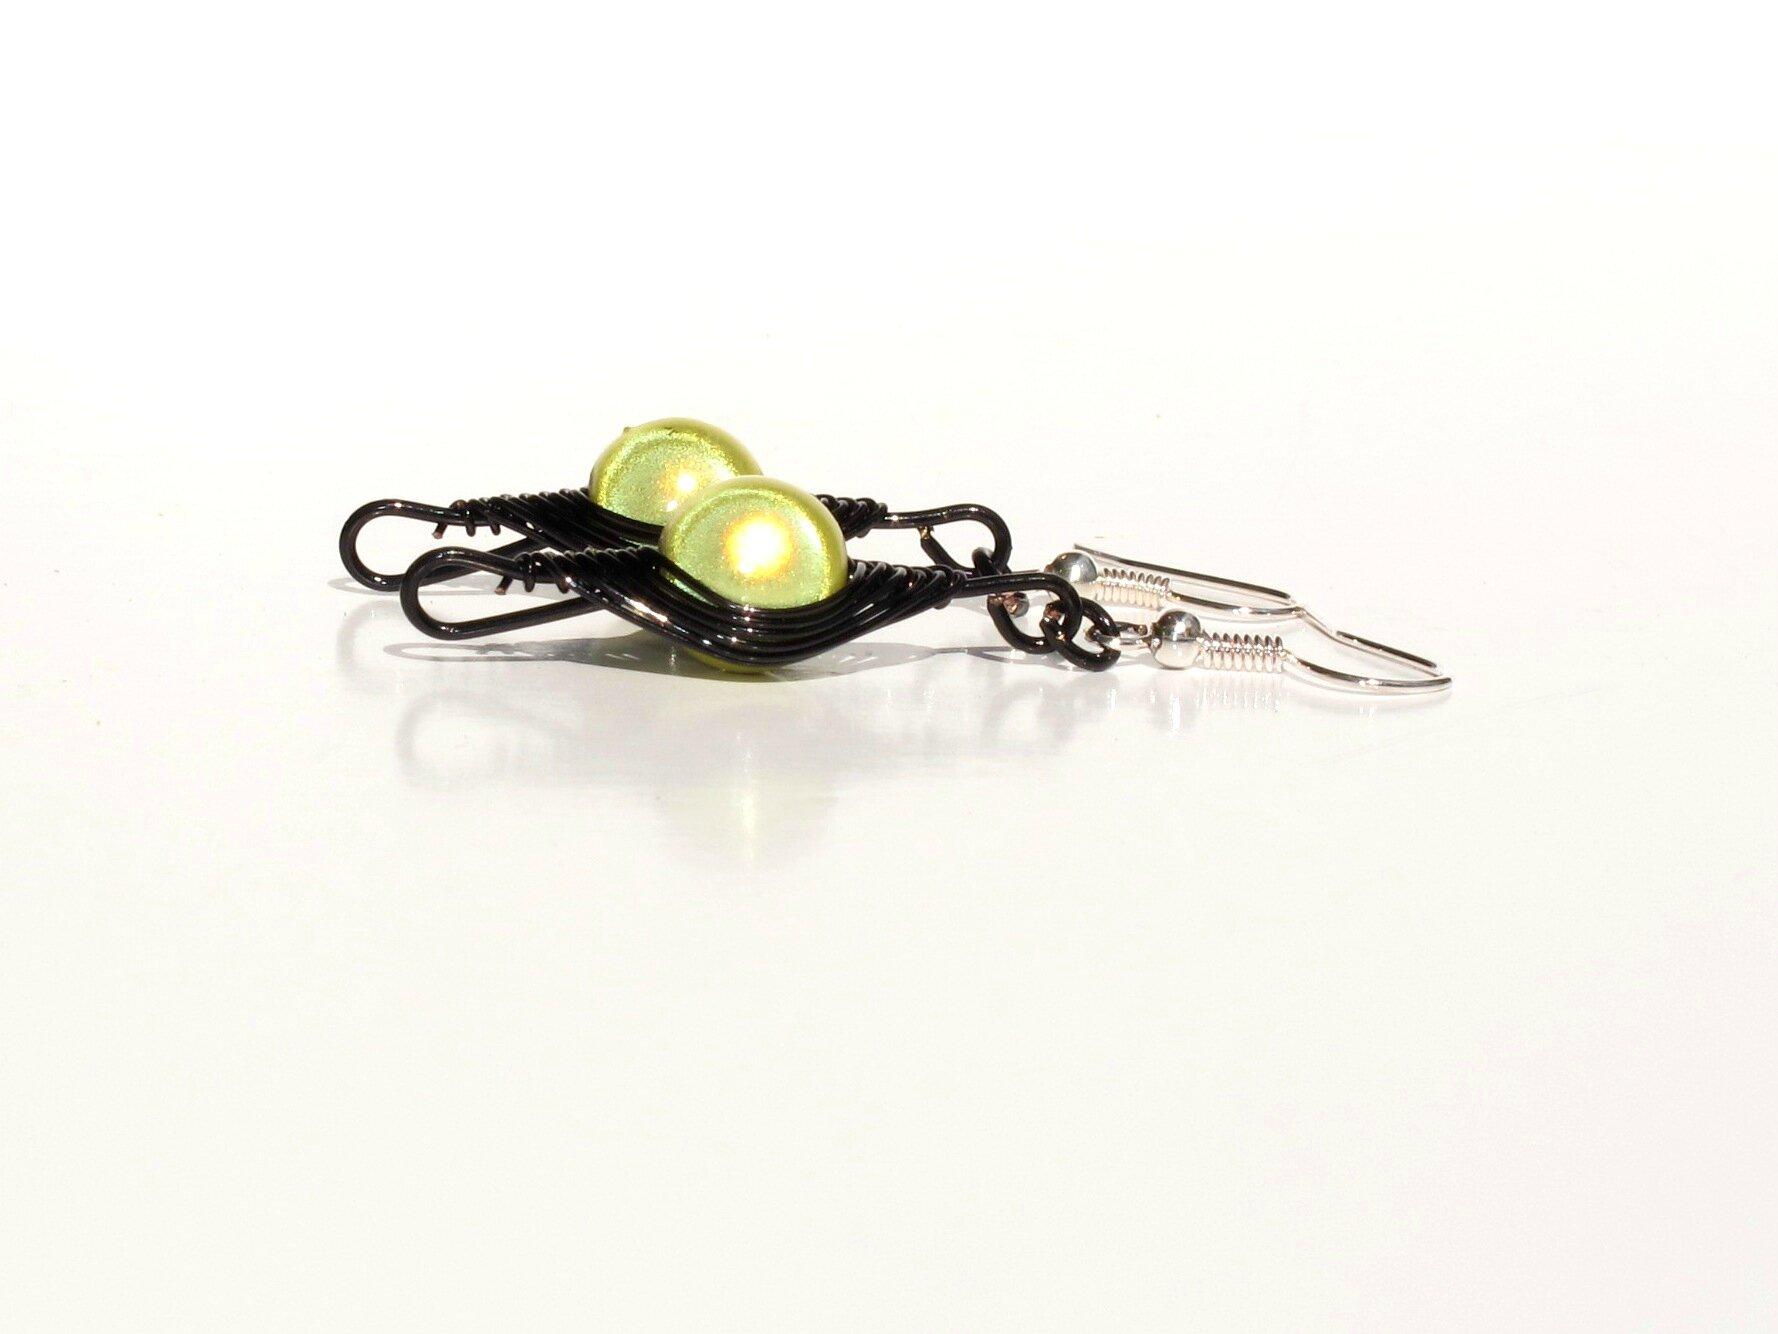 boucles d'oreilles wire noir perles vertes jaunes profil